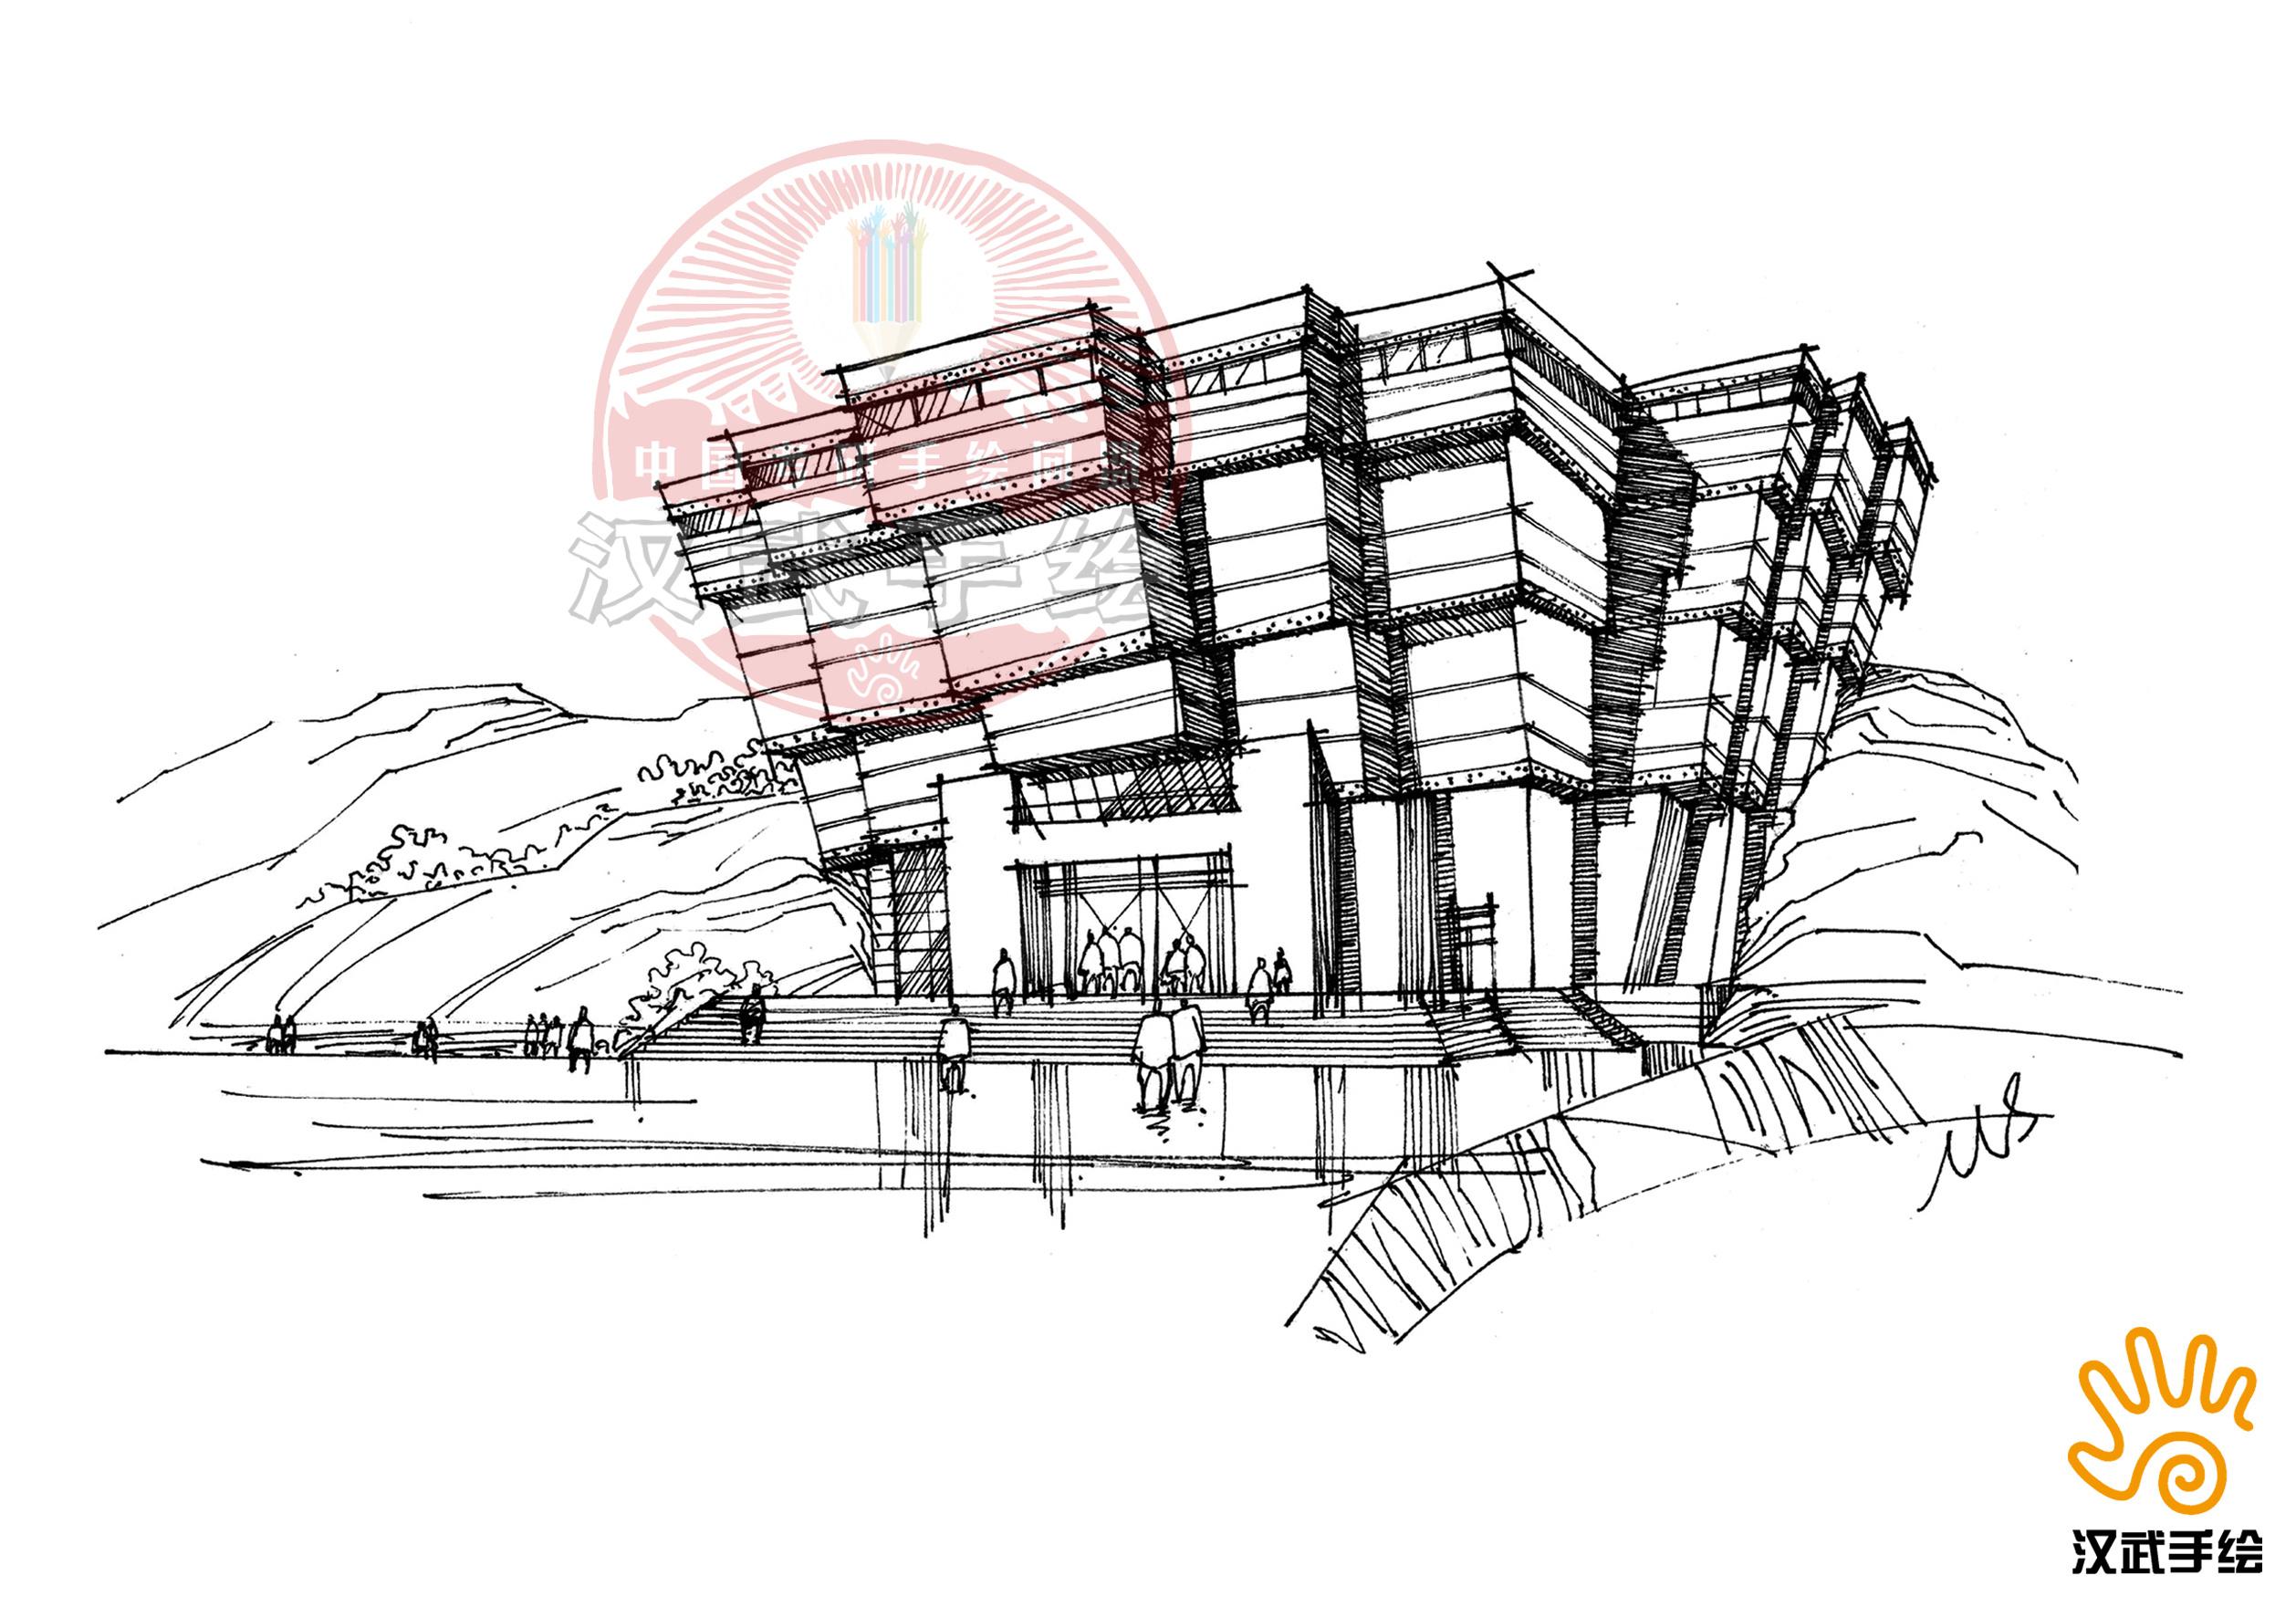 汉武手绘建筑线稿优秀作品